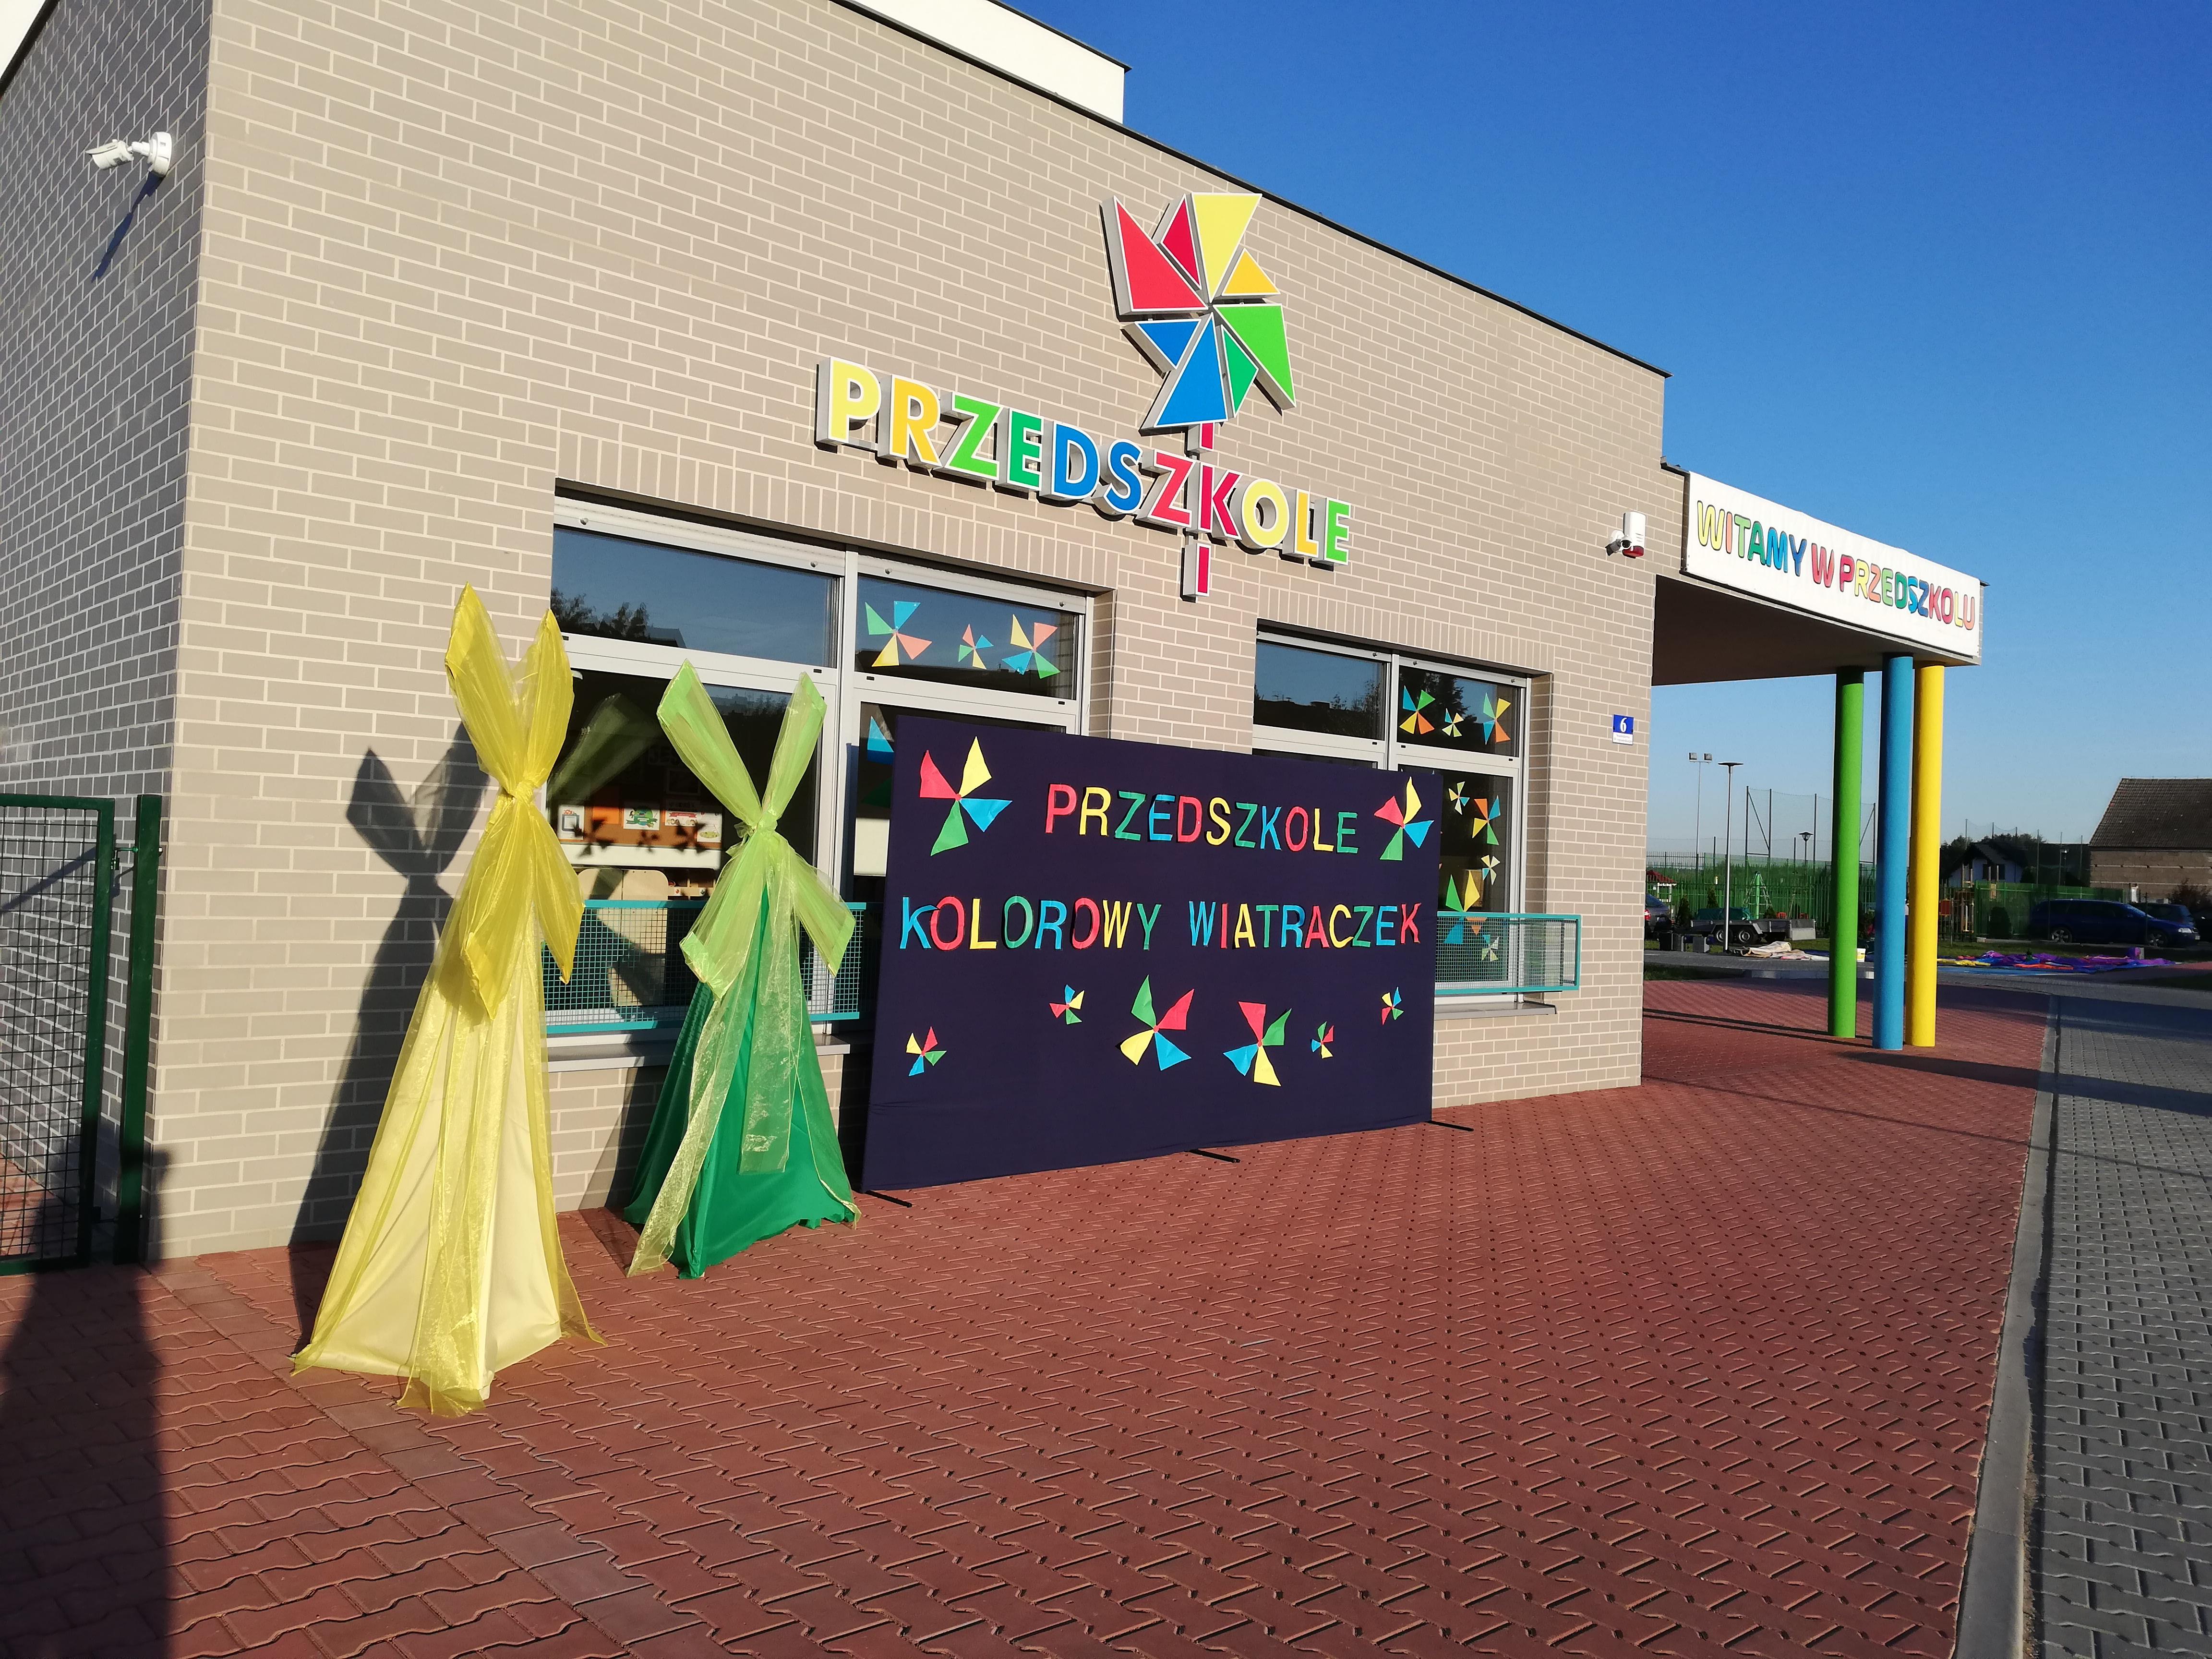 Otwarcie Przedszkola Kolorowy Wiatraczek